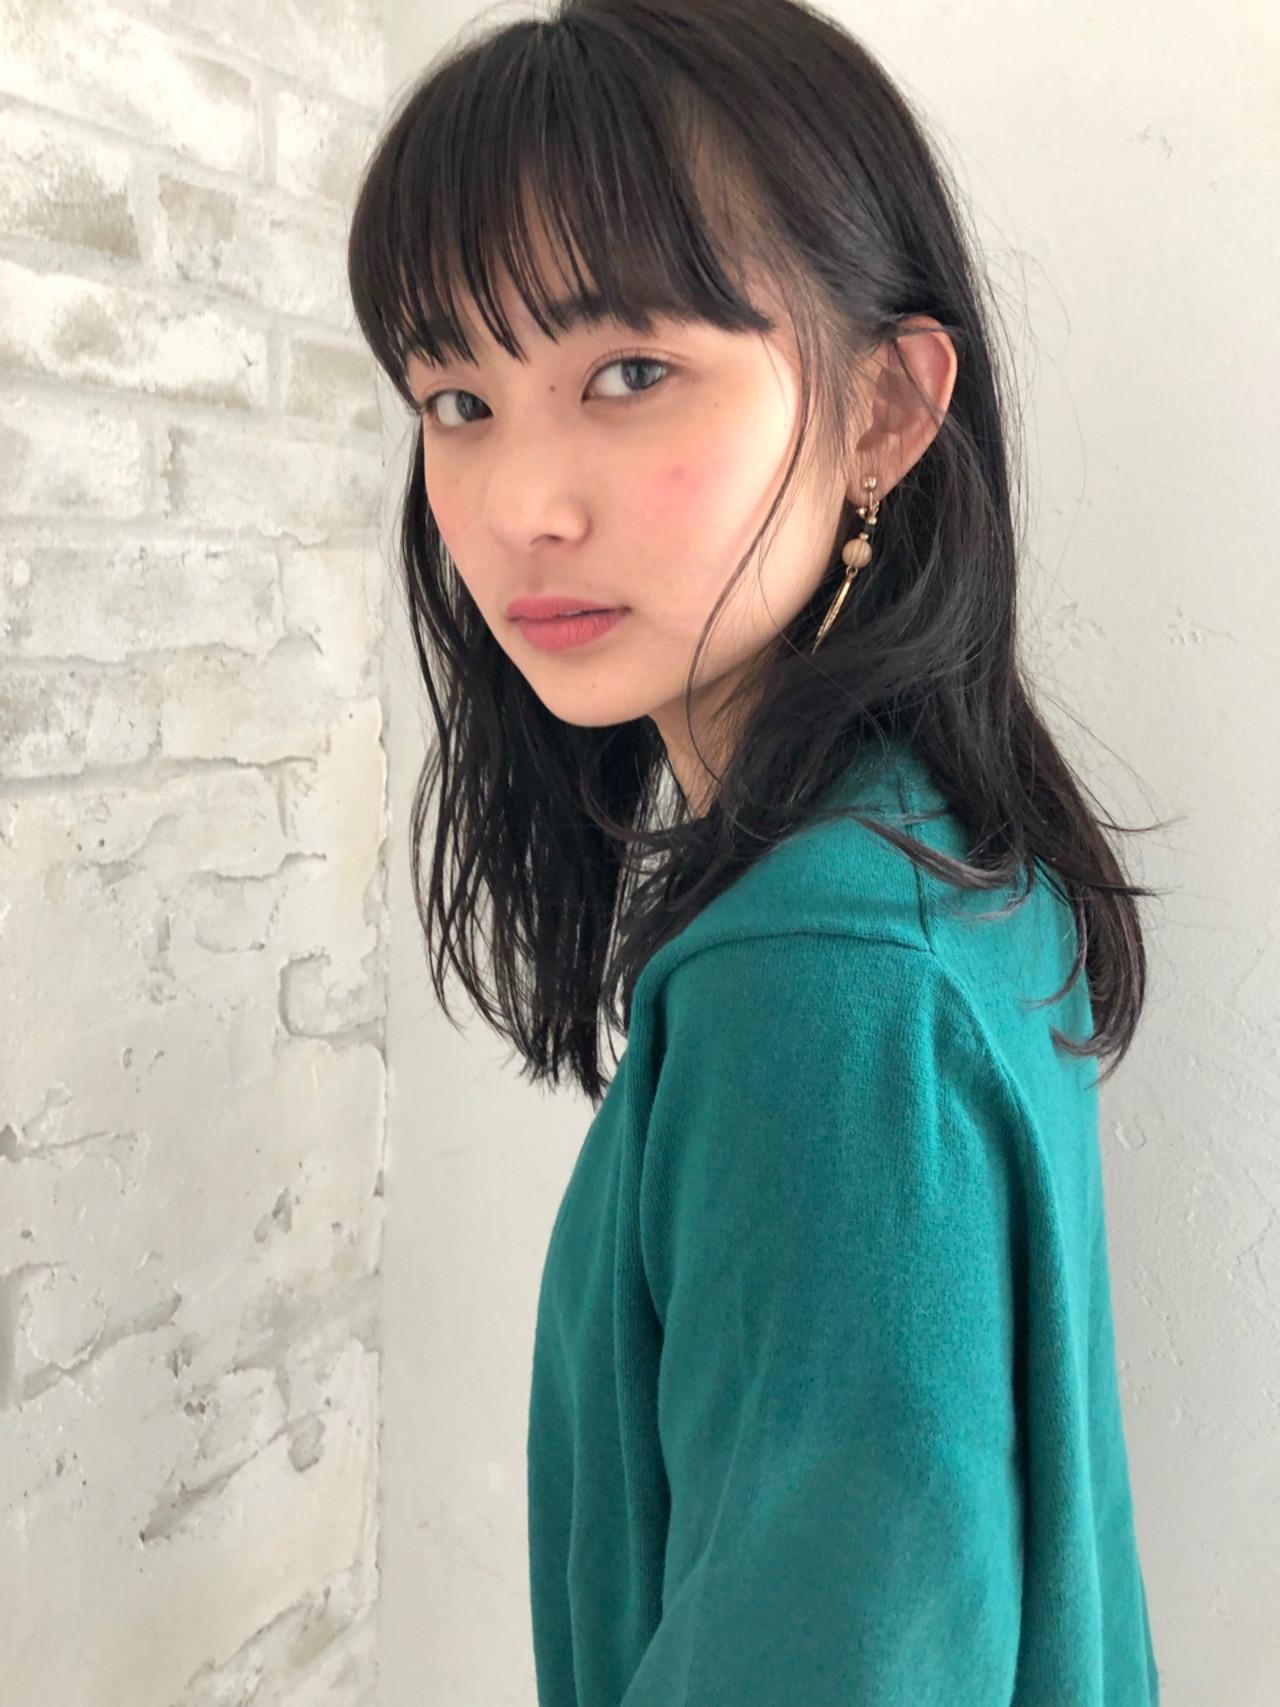 垢抜けたいなら小顔に見せるレイヤーカット ナガヤ アキラ joemi 新宿  joemi by Un ami